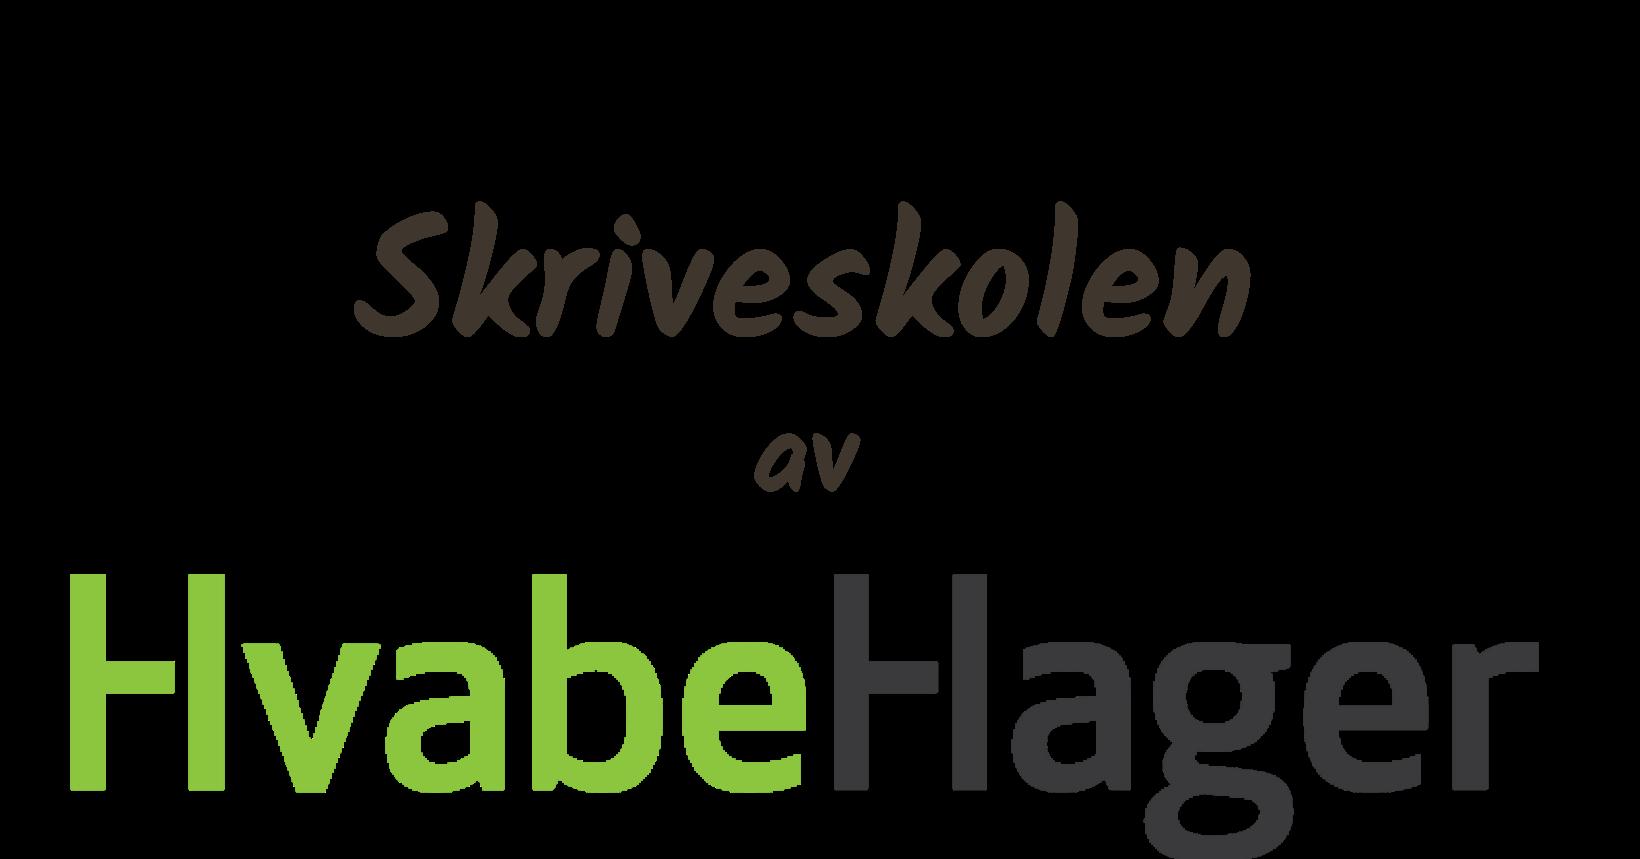 Skriveskolen av HvabeHager logo 1